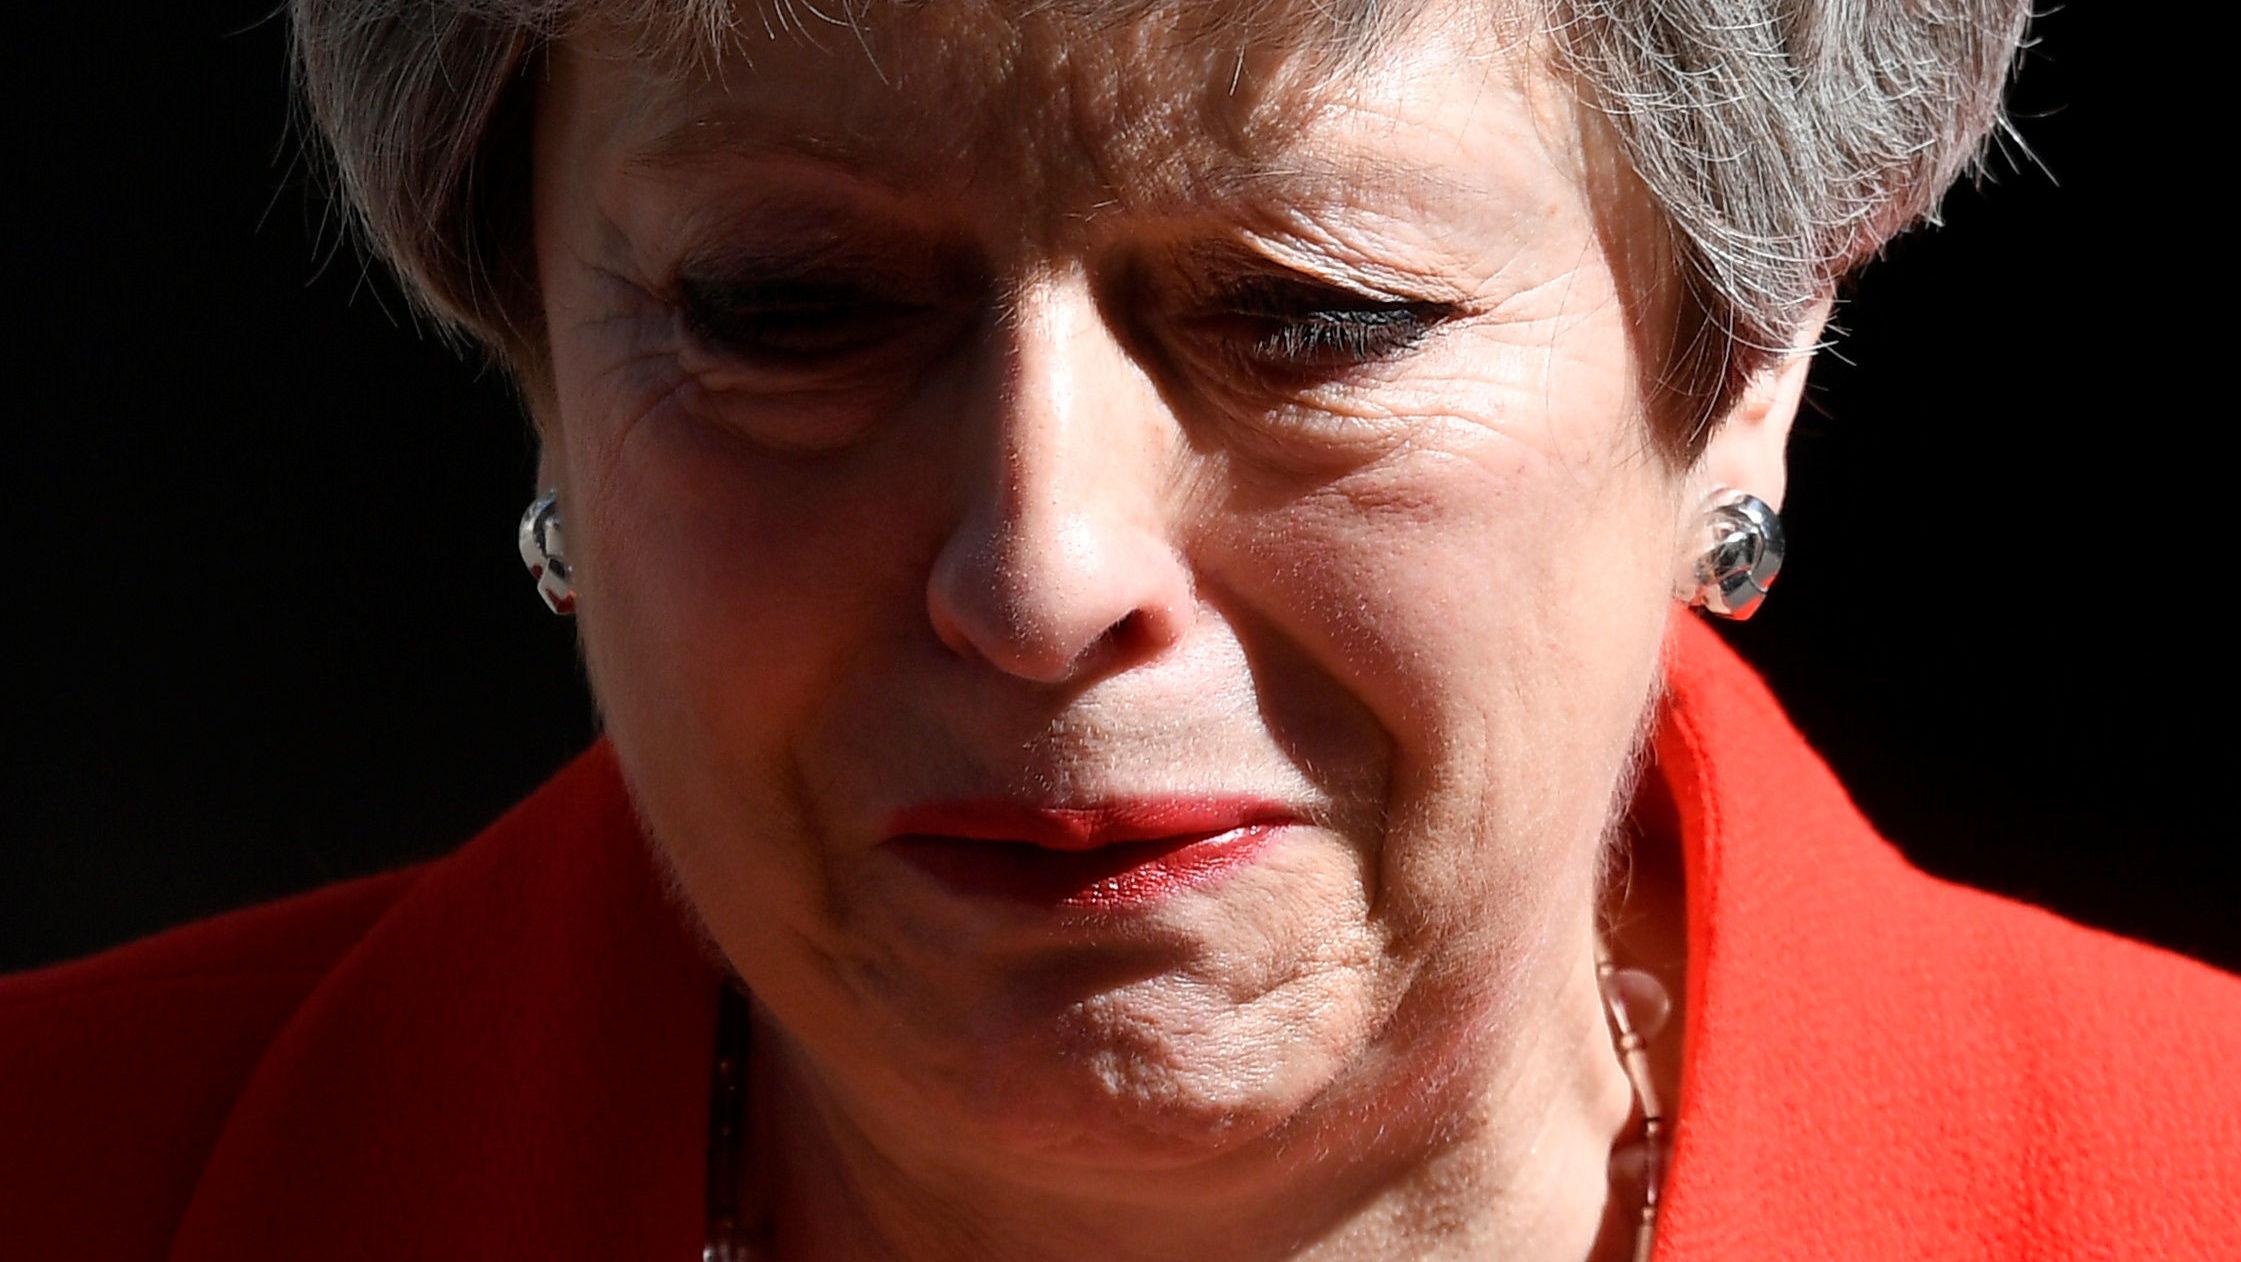 May istifa konuşmasının sonuna doğru gözyaşlarını tutamadı.